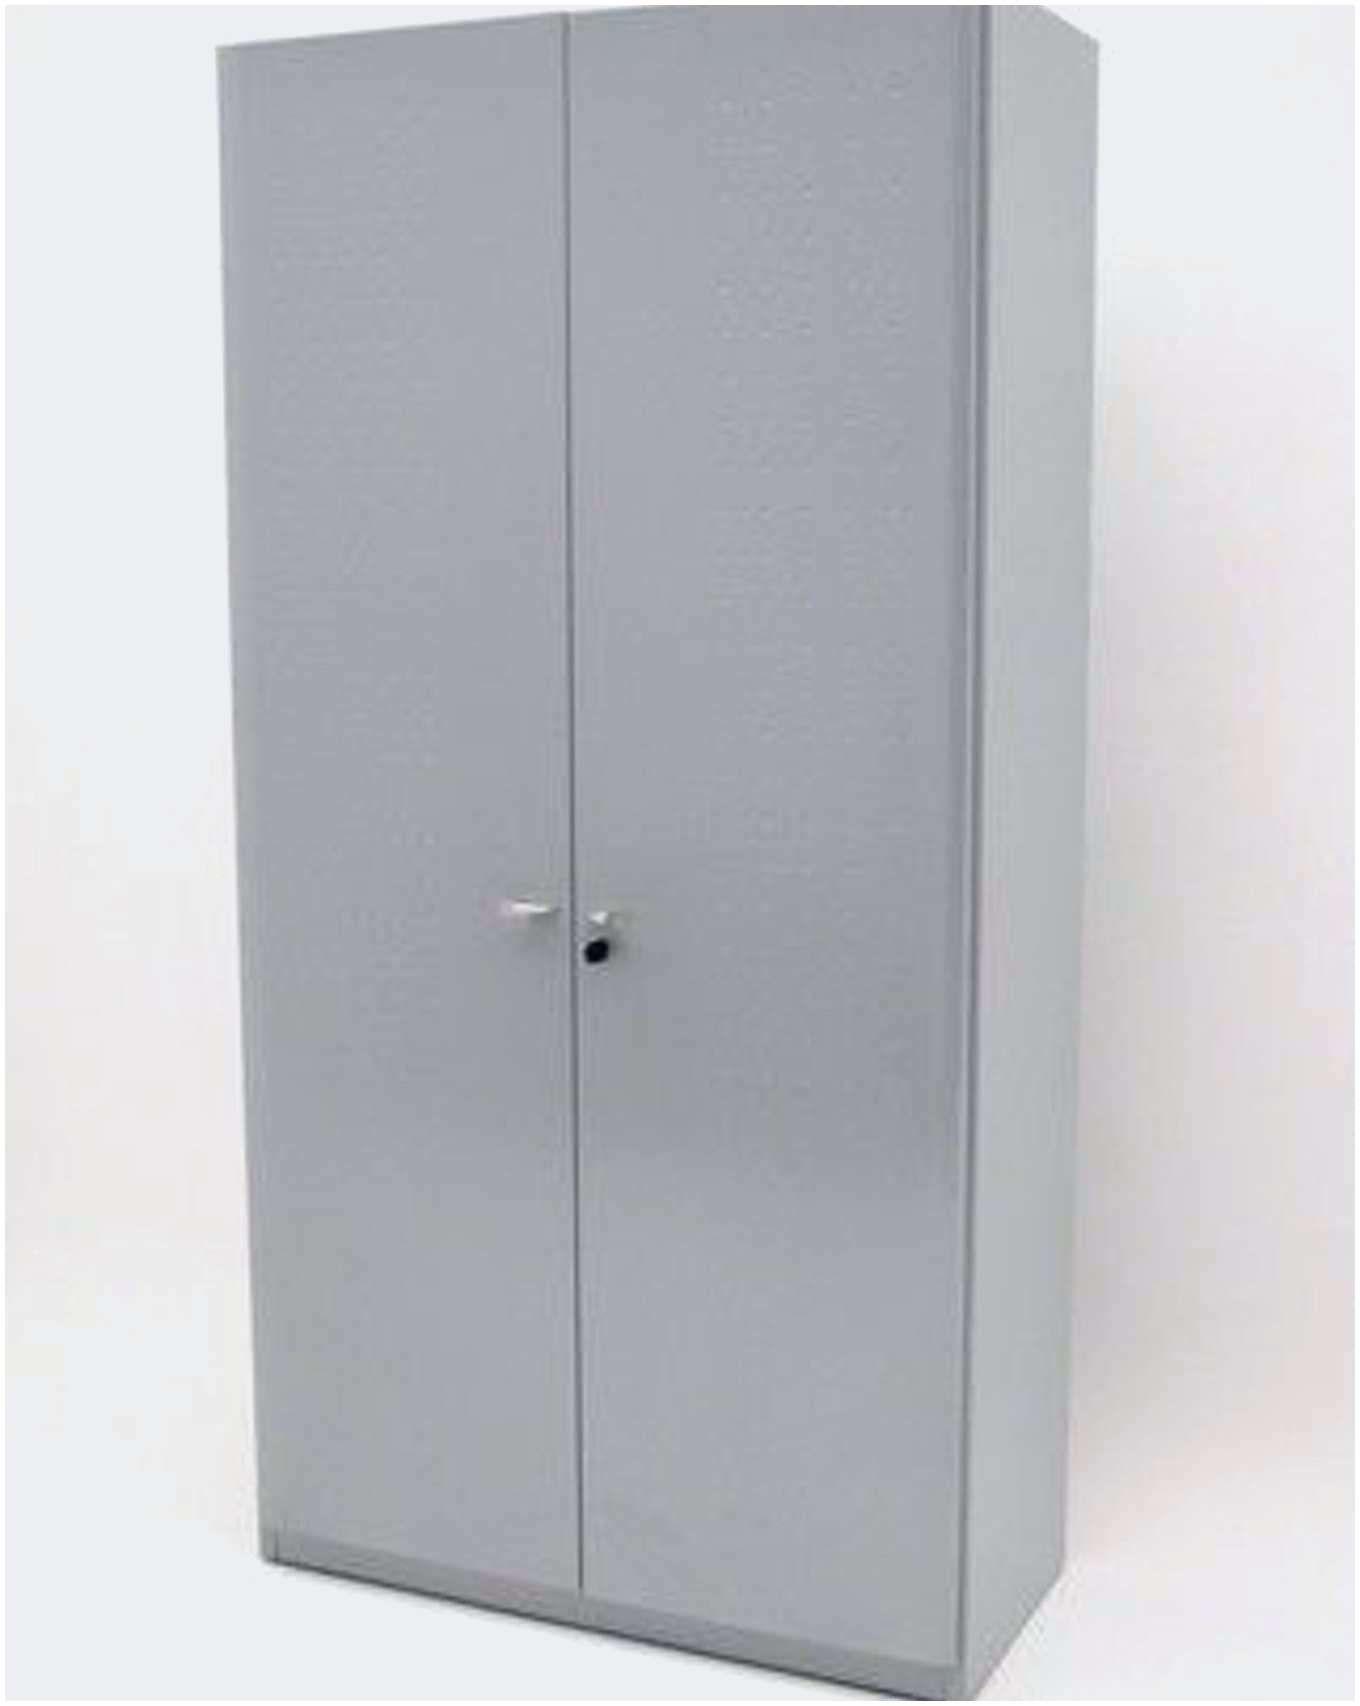 Armoire 2 Portes Ikea Armoire 2 Portes Ikea Kvikne Armoire 2 Portes Coulissantes Ikea Ikea Kvikne Armoire 2 Portes Cou Tall Cabinet Storage Storage Furniture